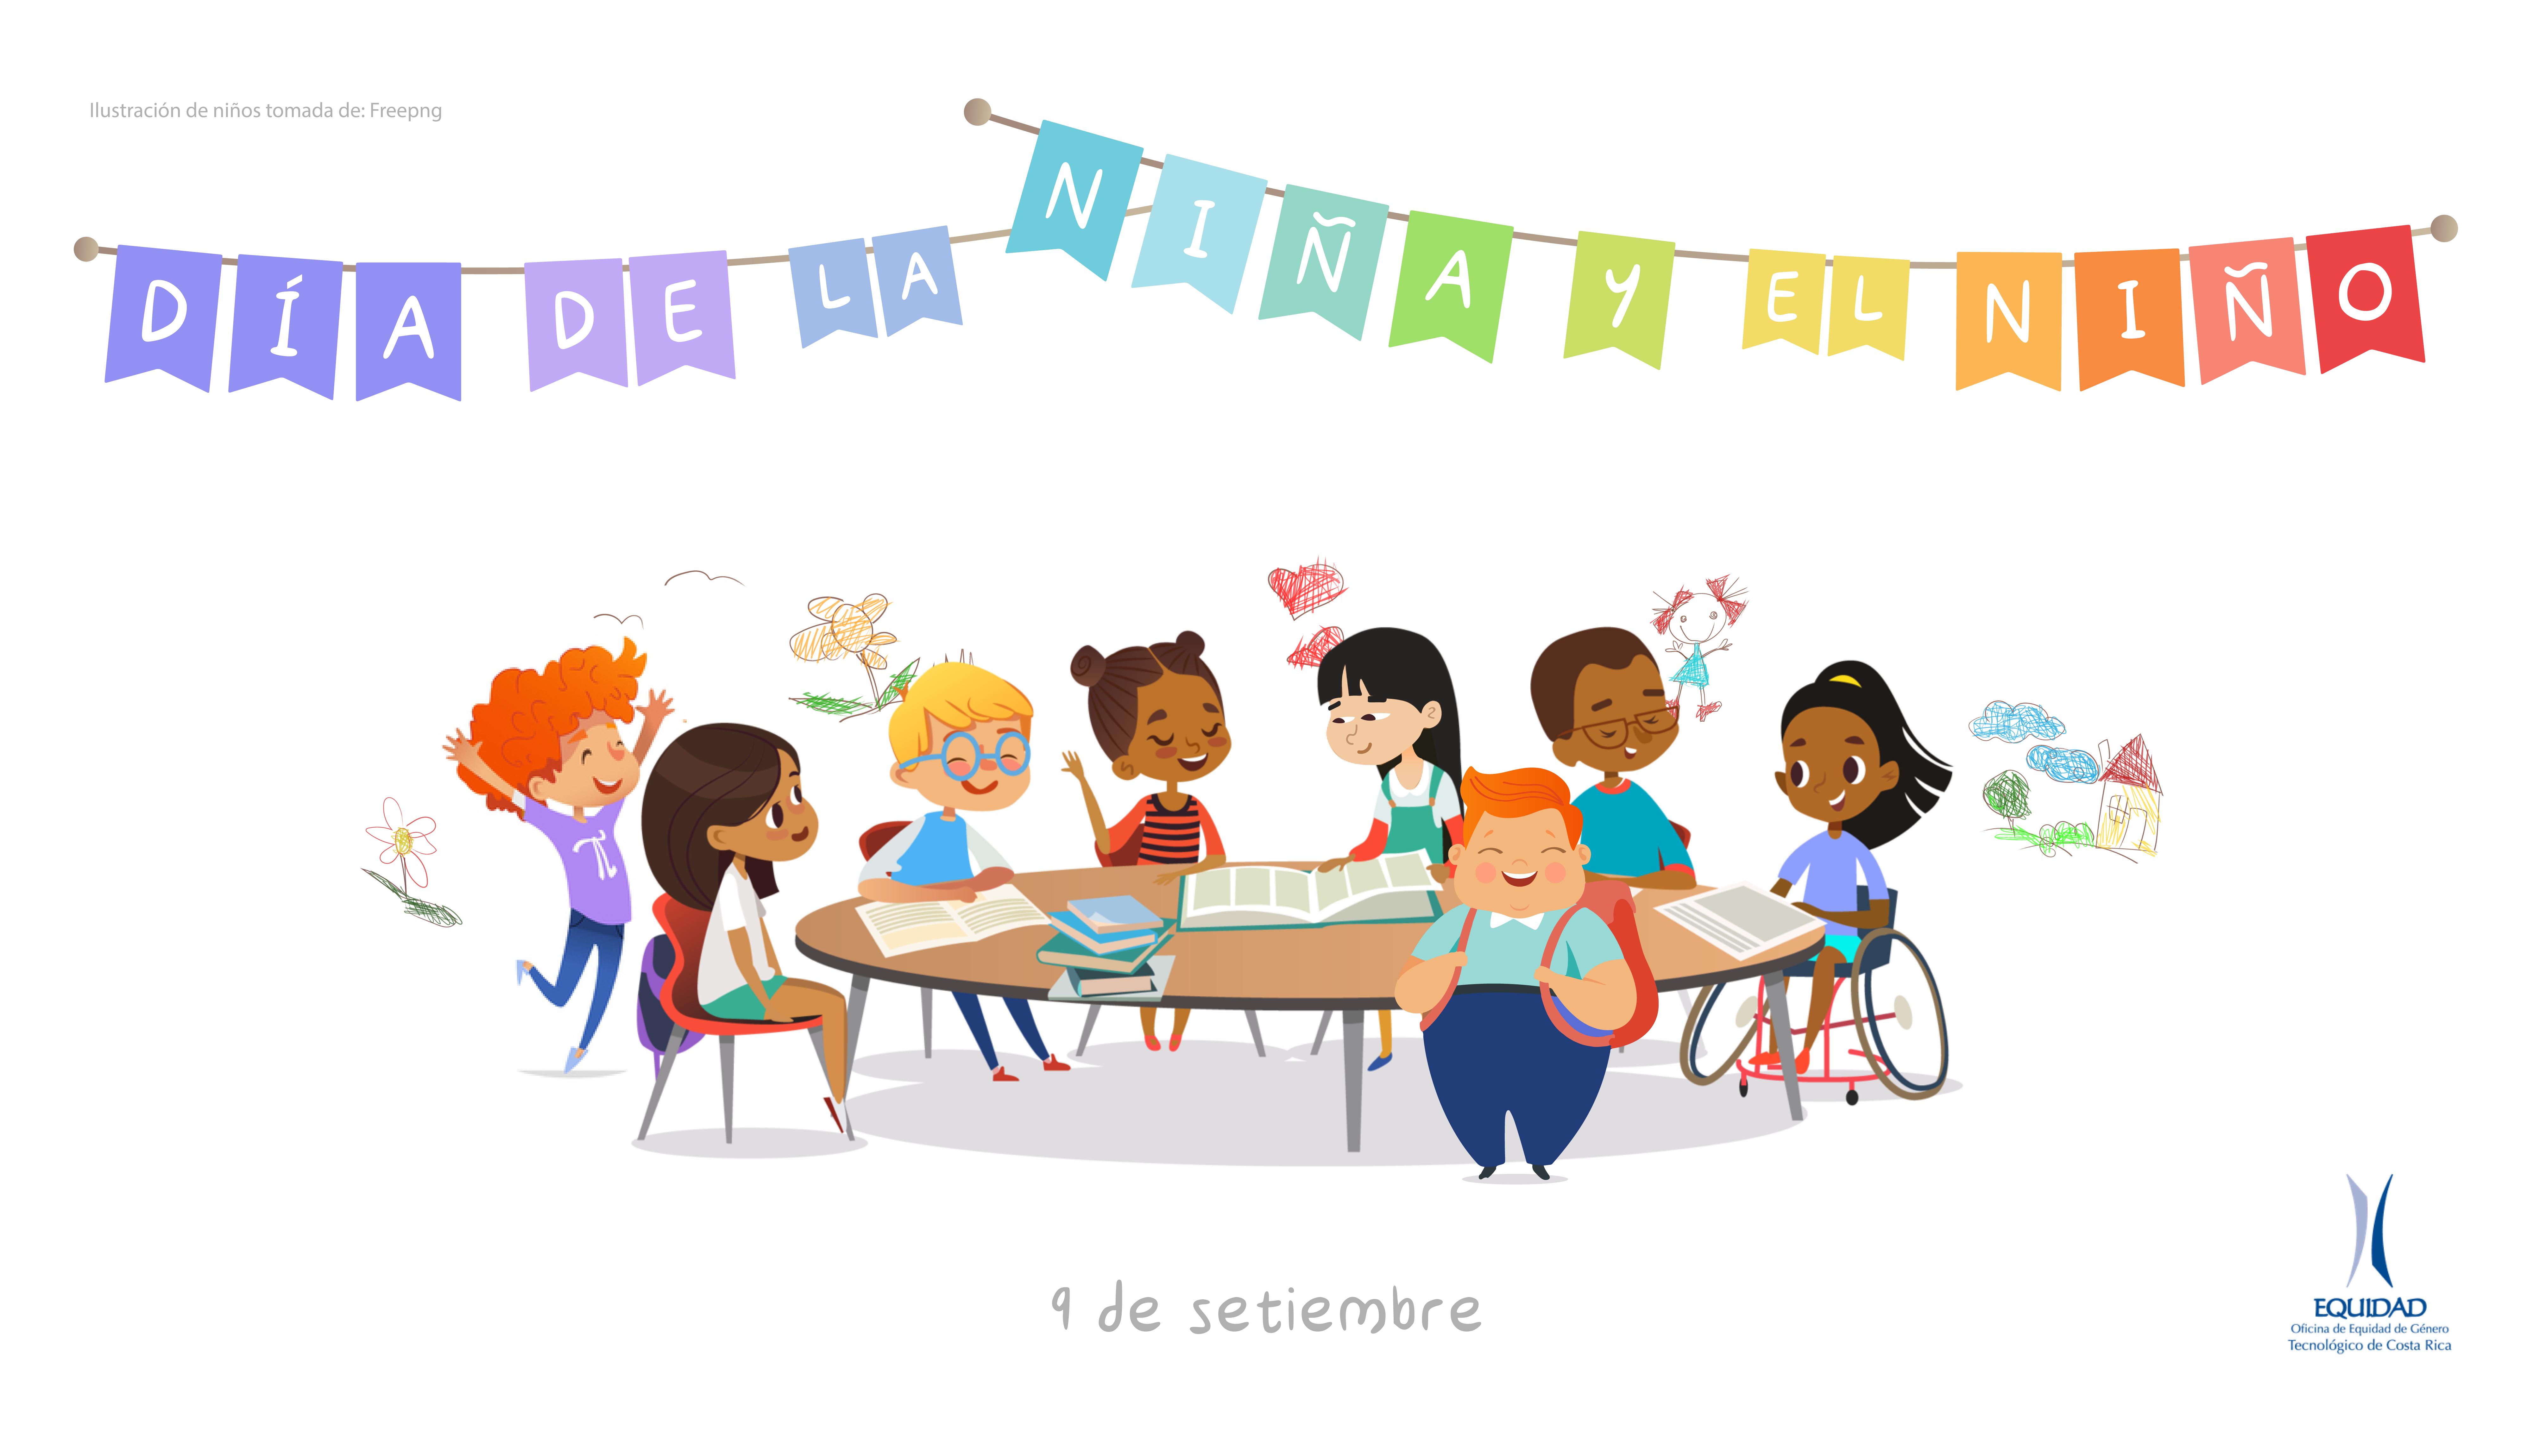 """""""Banner para el 9 de setiembre: Día de la niña y el niño en Costa Rica."""""""